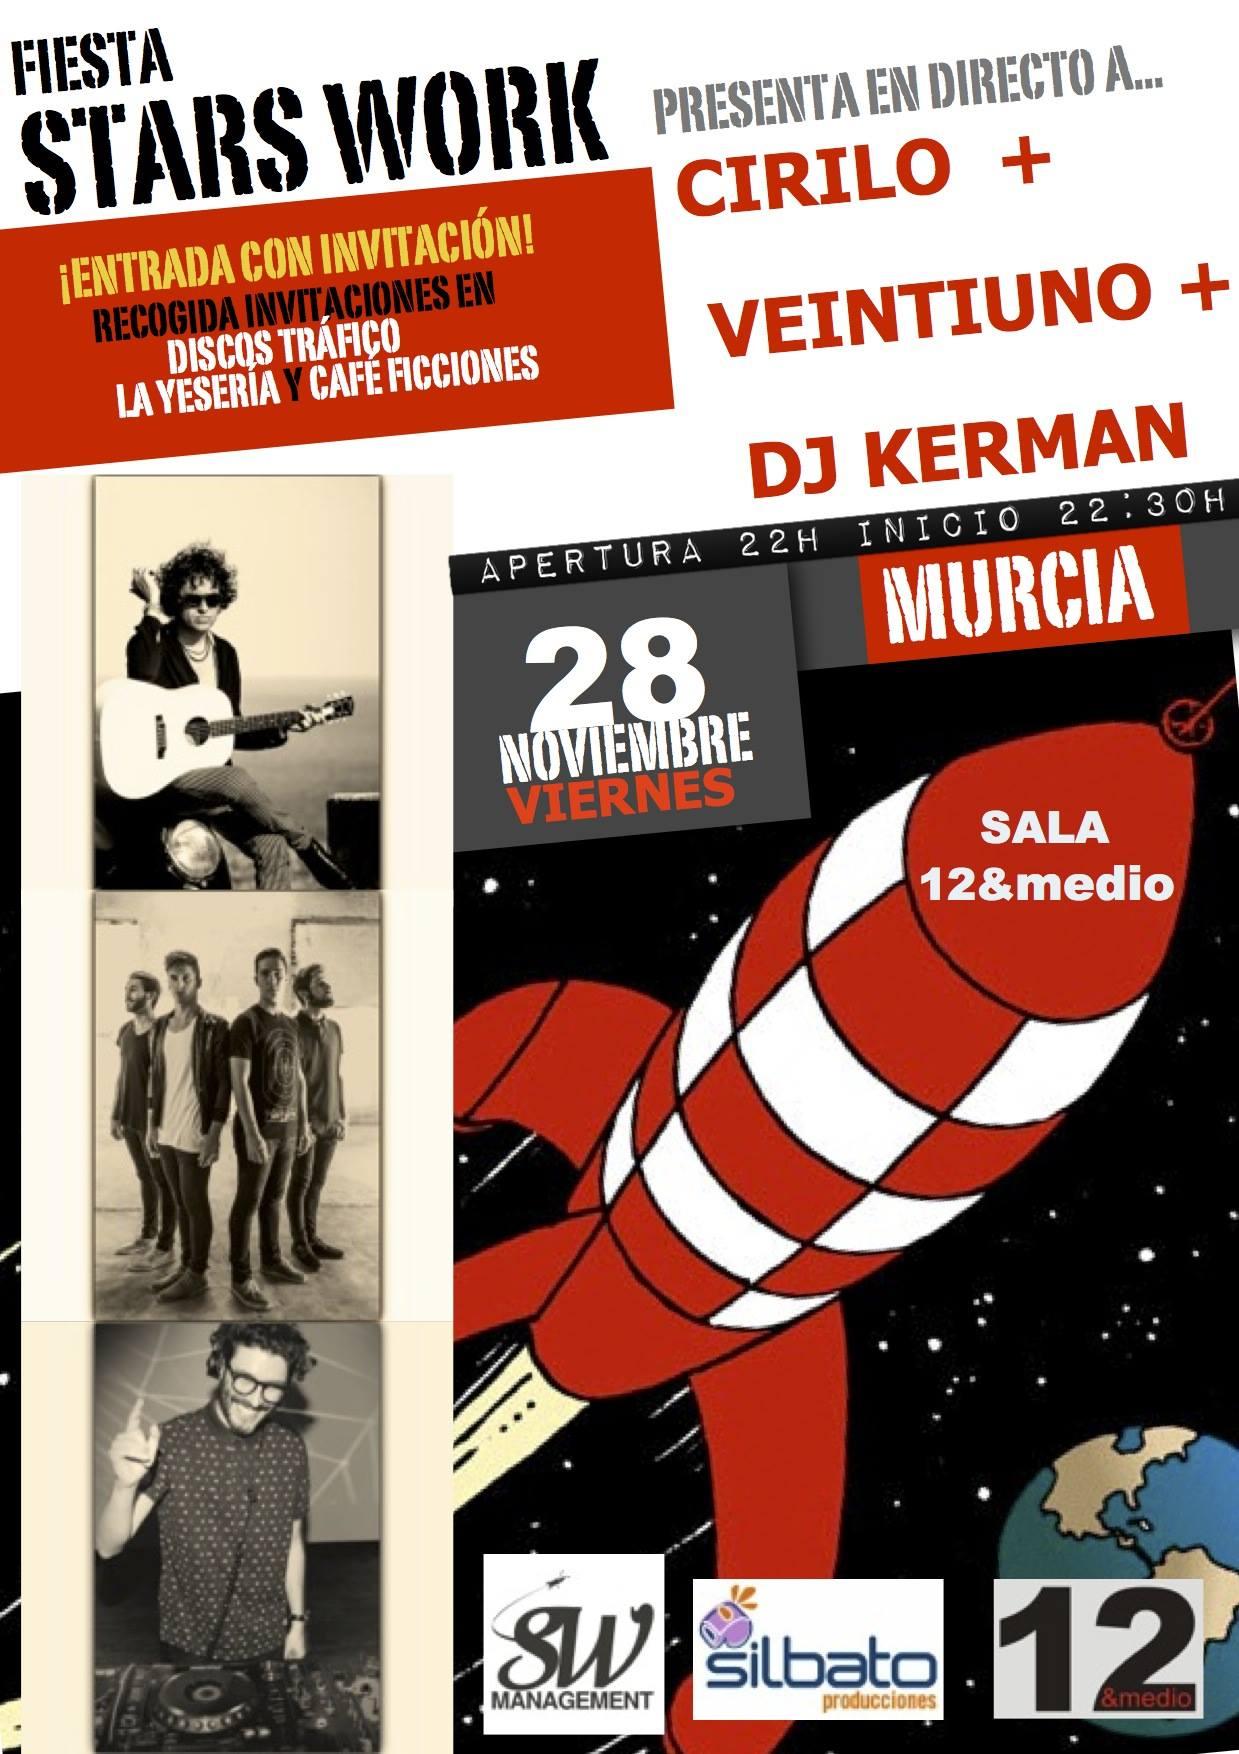 Fiesta Stars Work con Veintiuno y Cirilo en 12ymedio